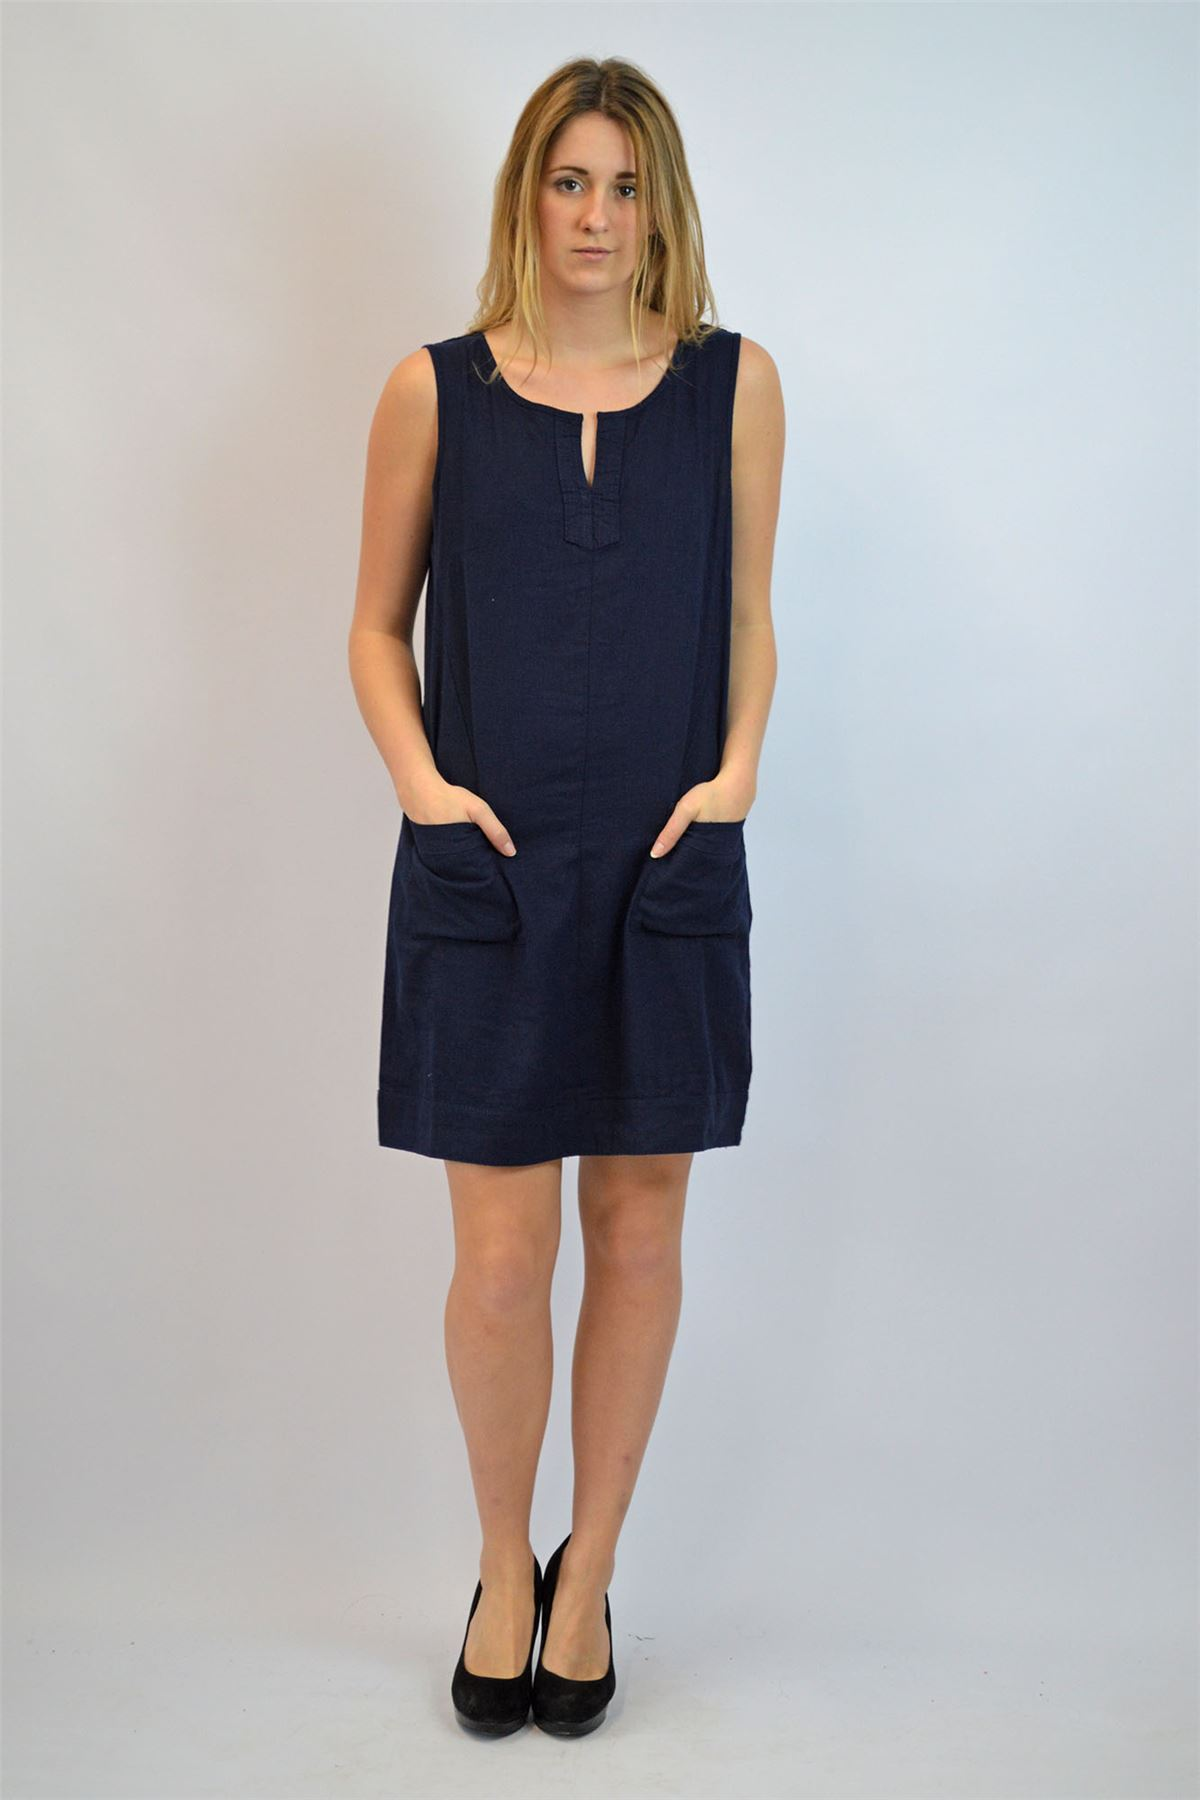 8f154efb579 NEXT Linen Sleeveless Summer Shift Dress